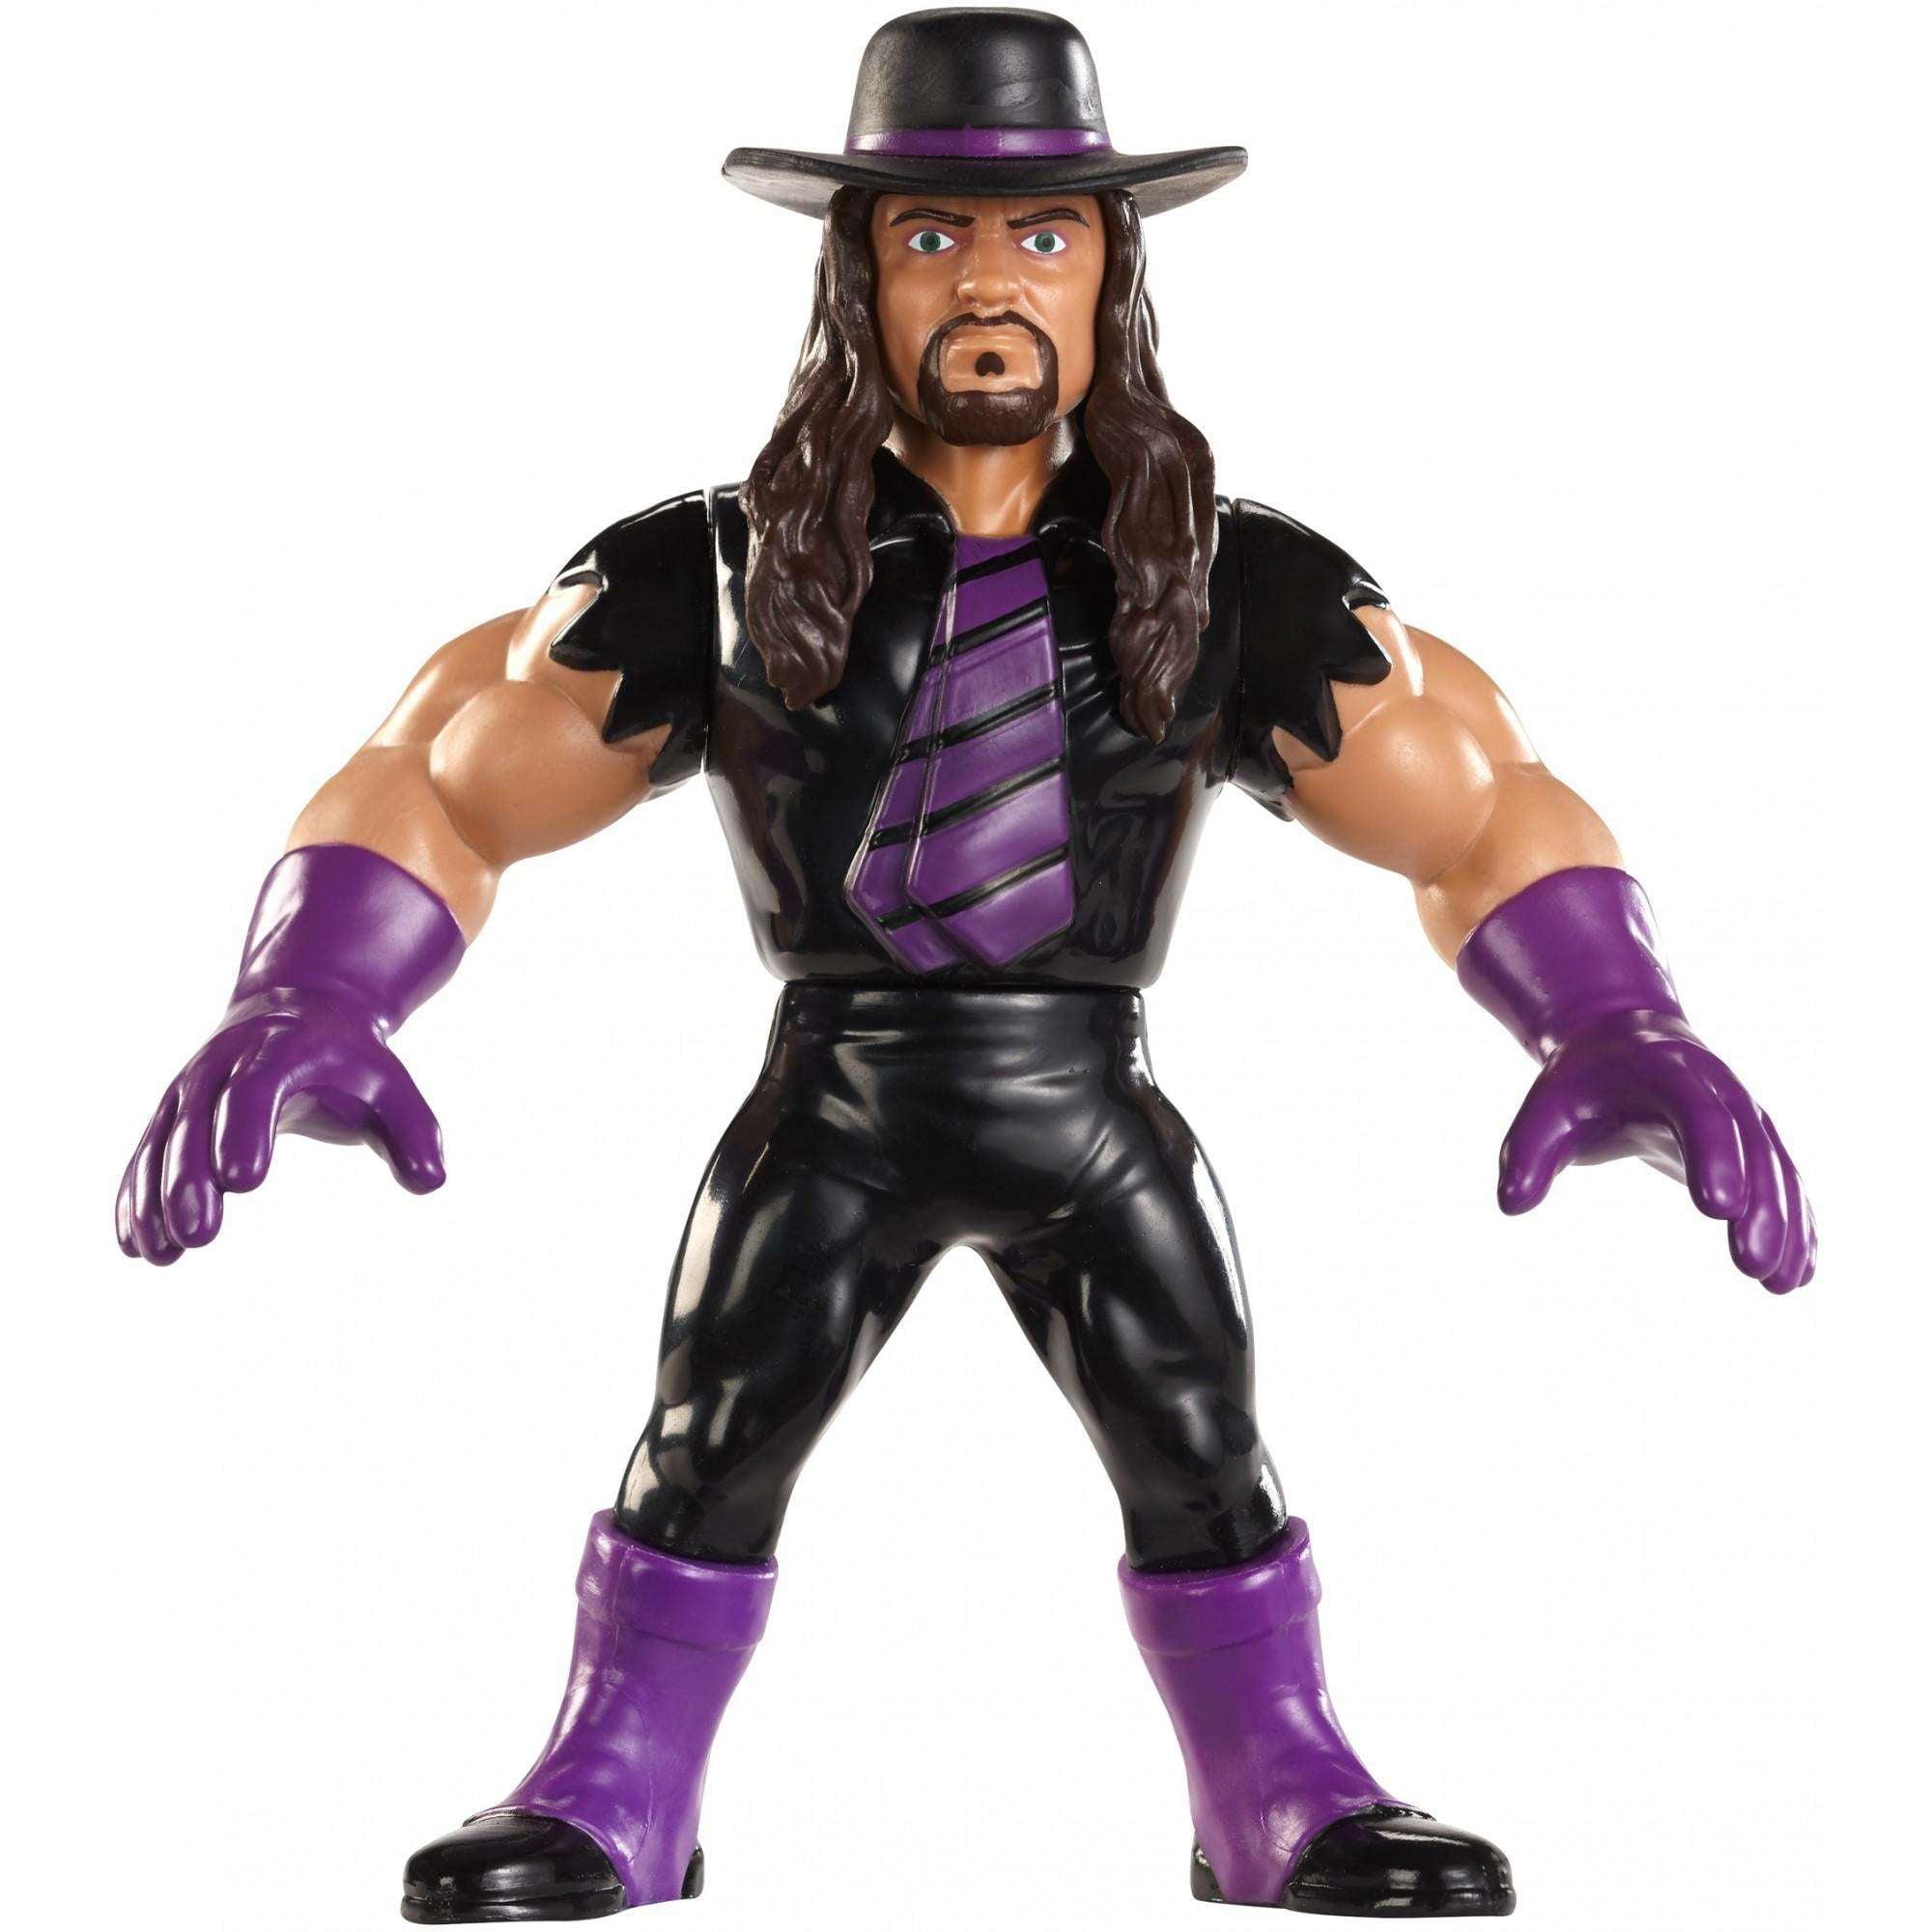 WWE Undertaker Retro Figure by Mattel